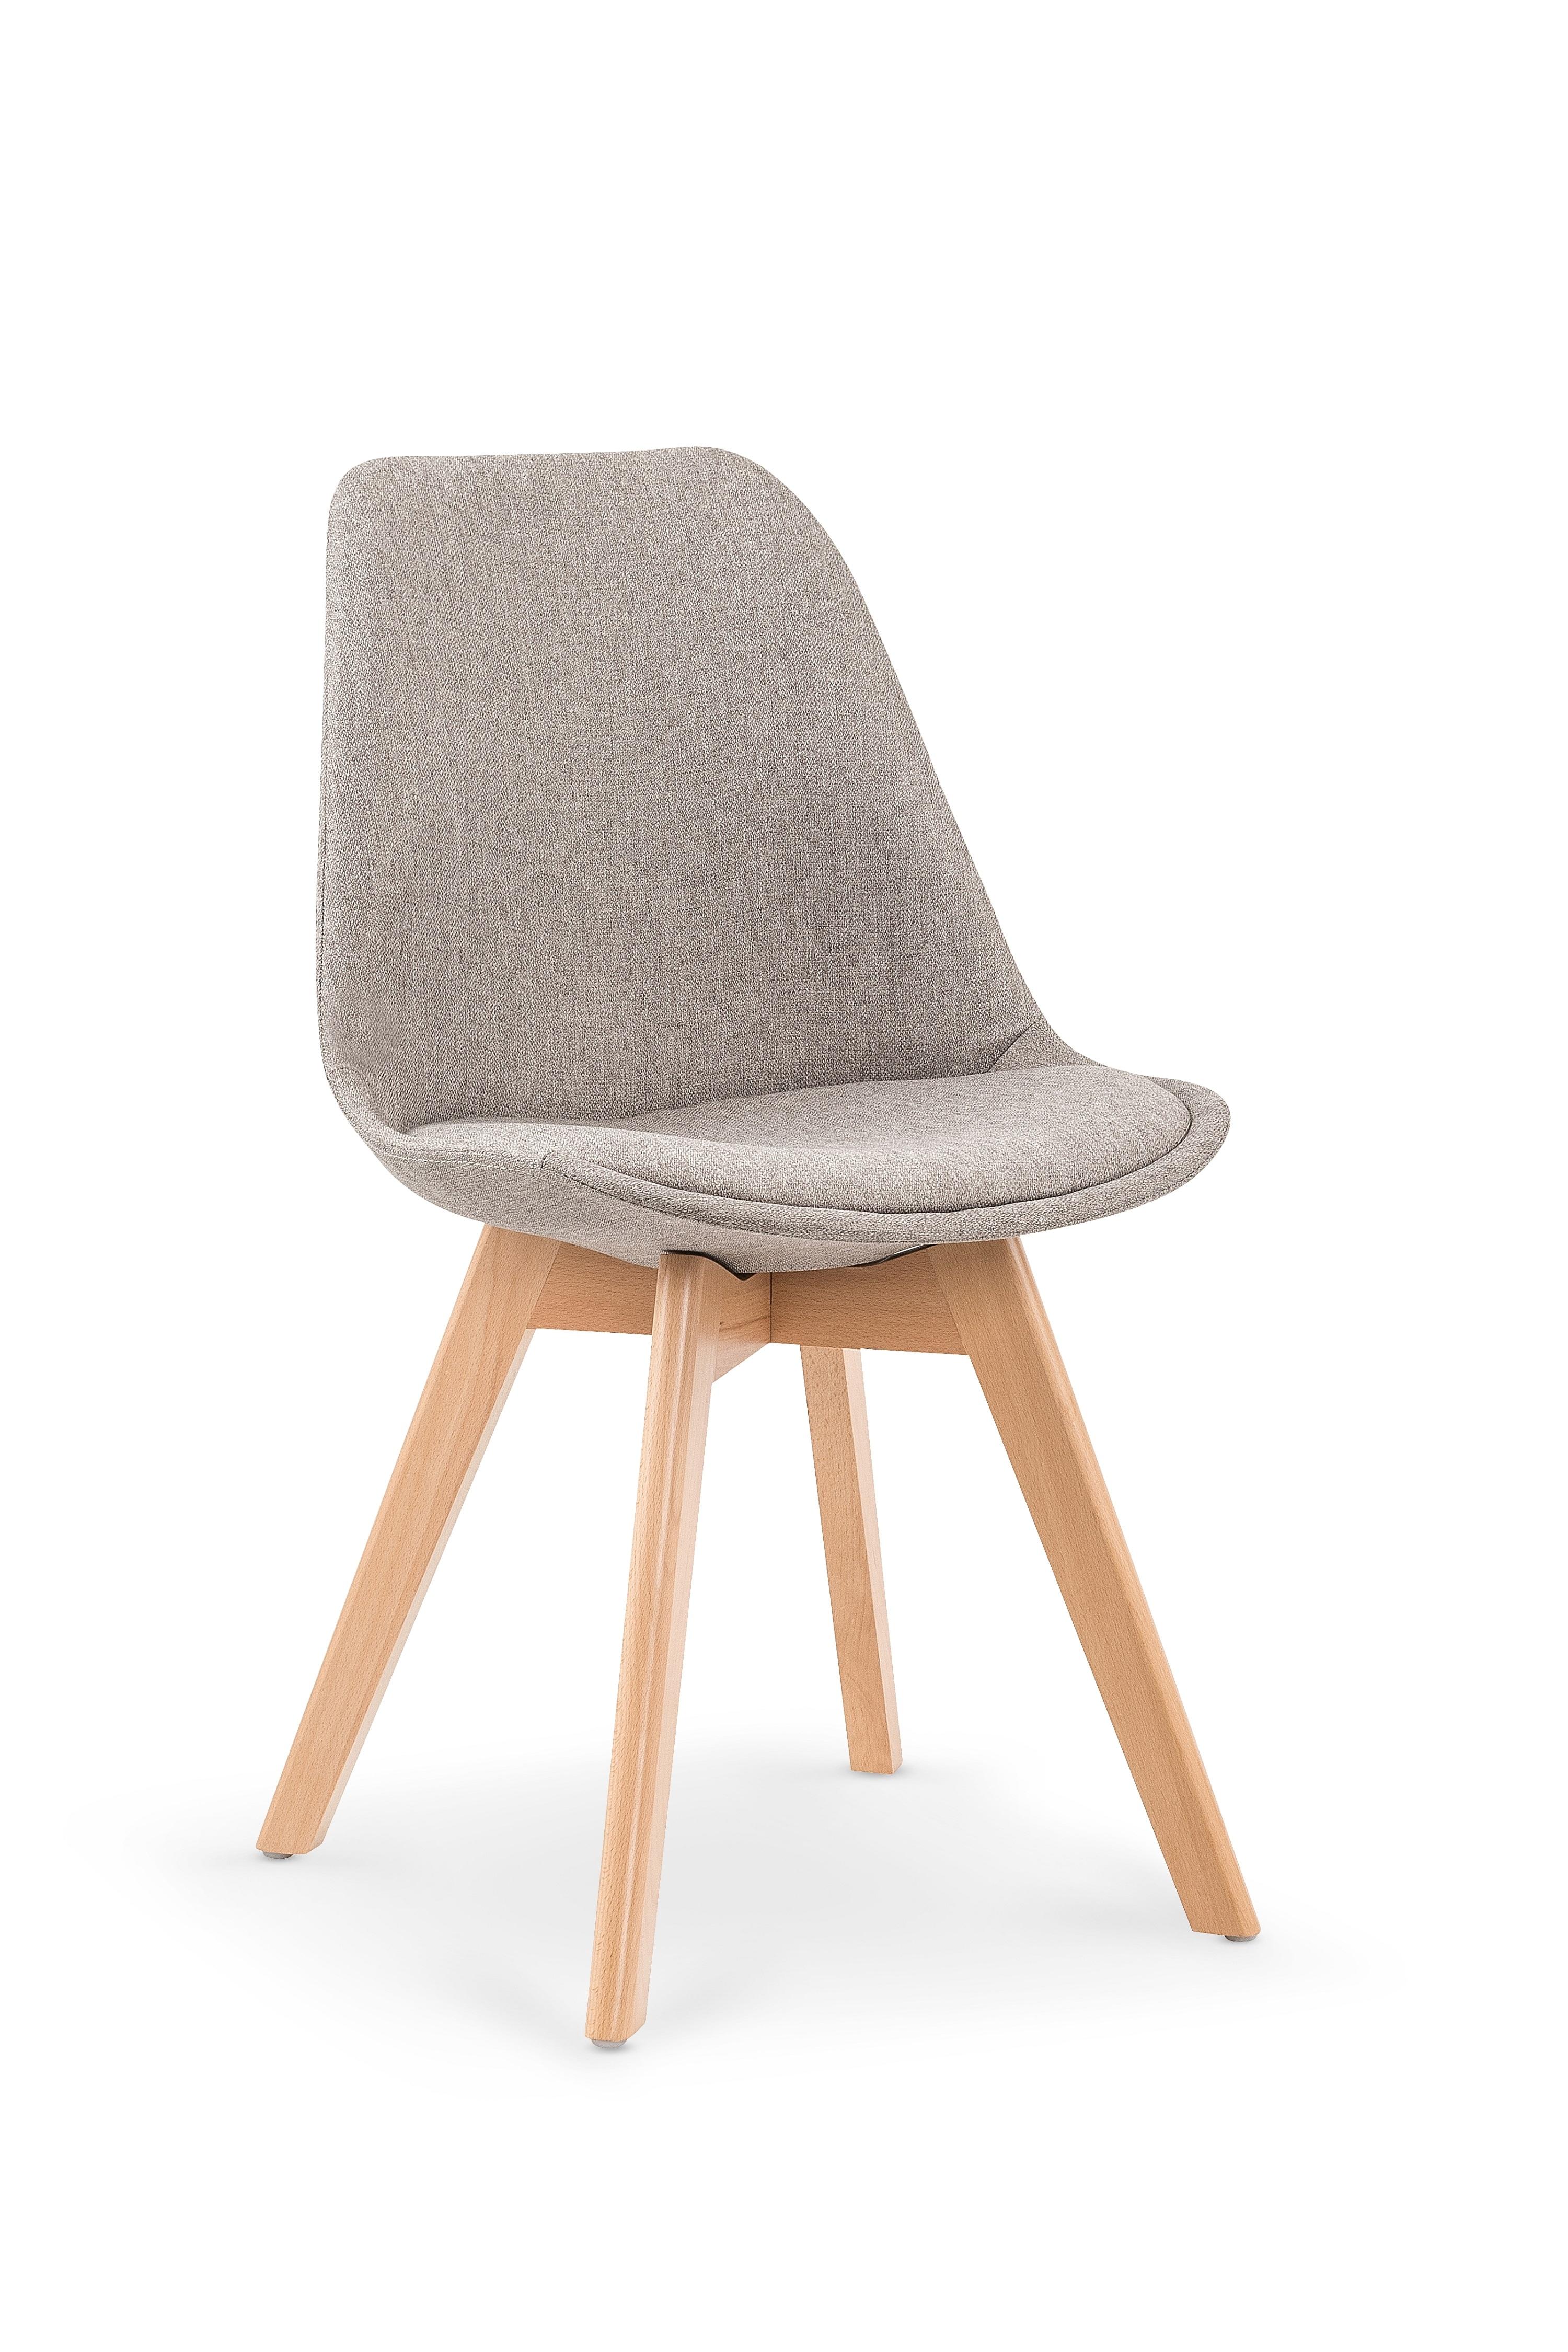 Scaun tapitat cu stofa, cu picioare din lemn K303 Light Grey, l48xA54xH83 cm imagine